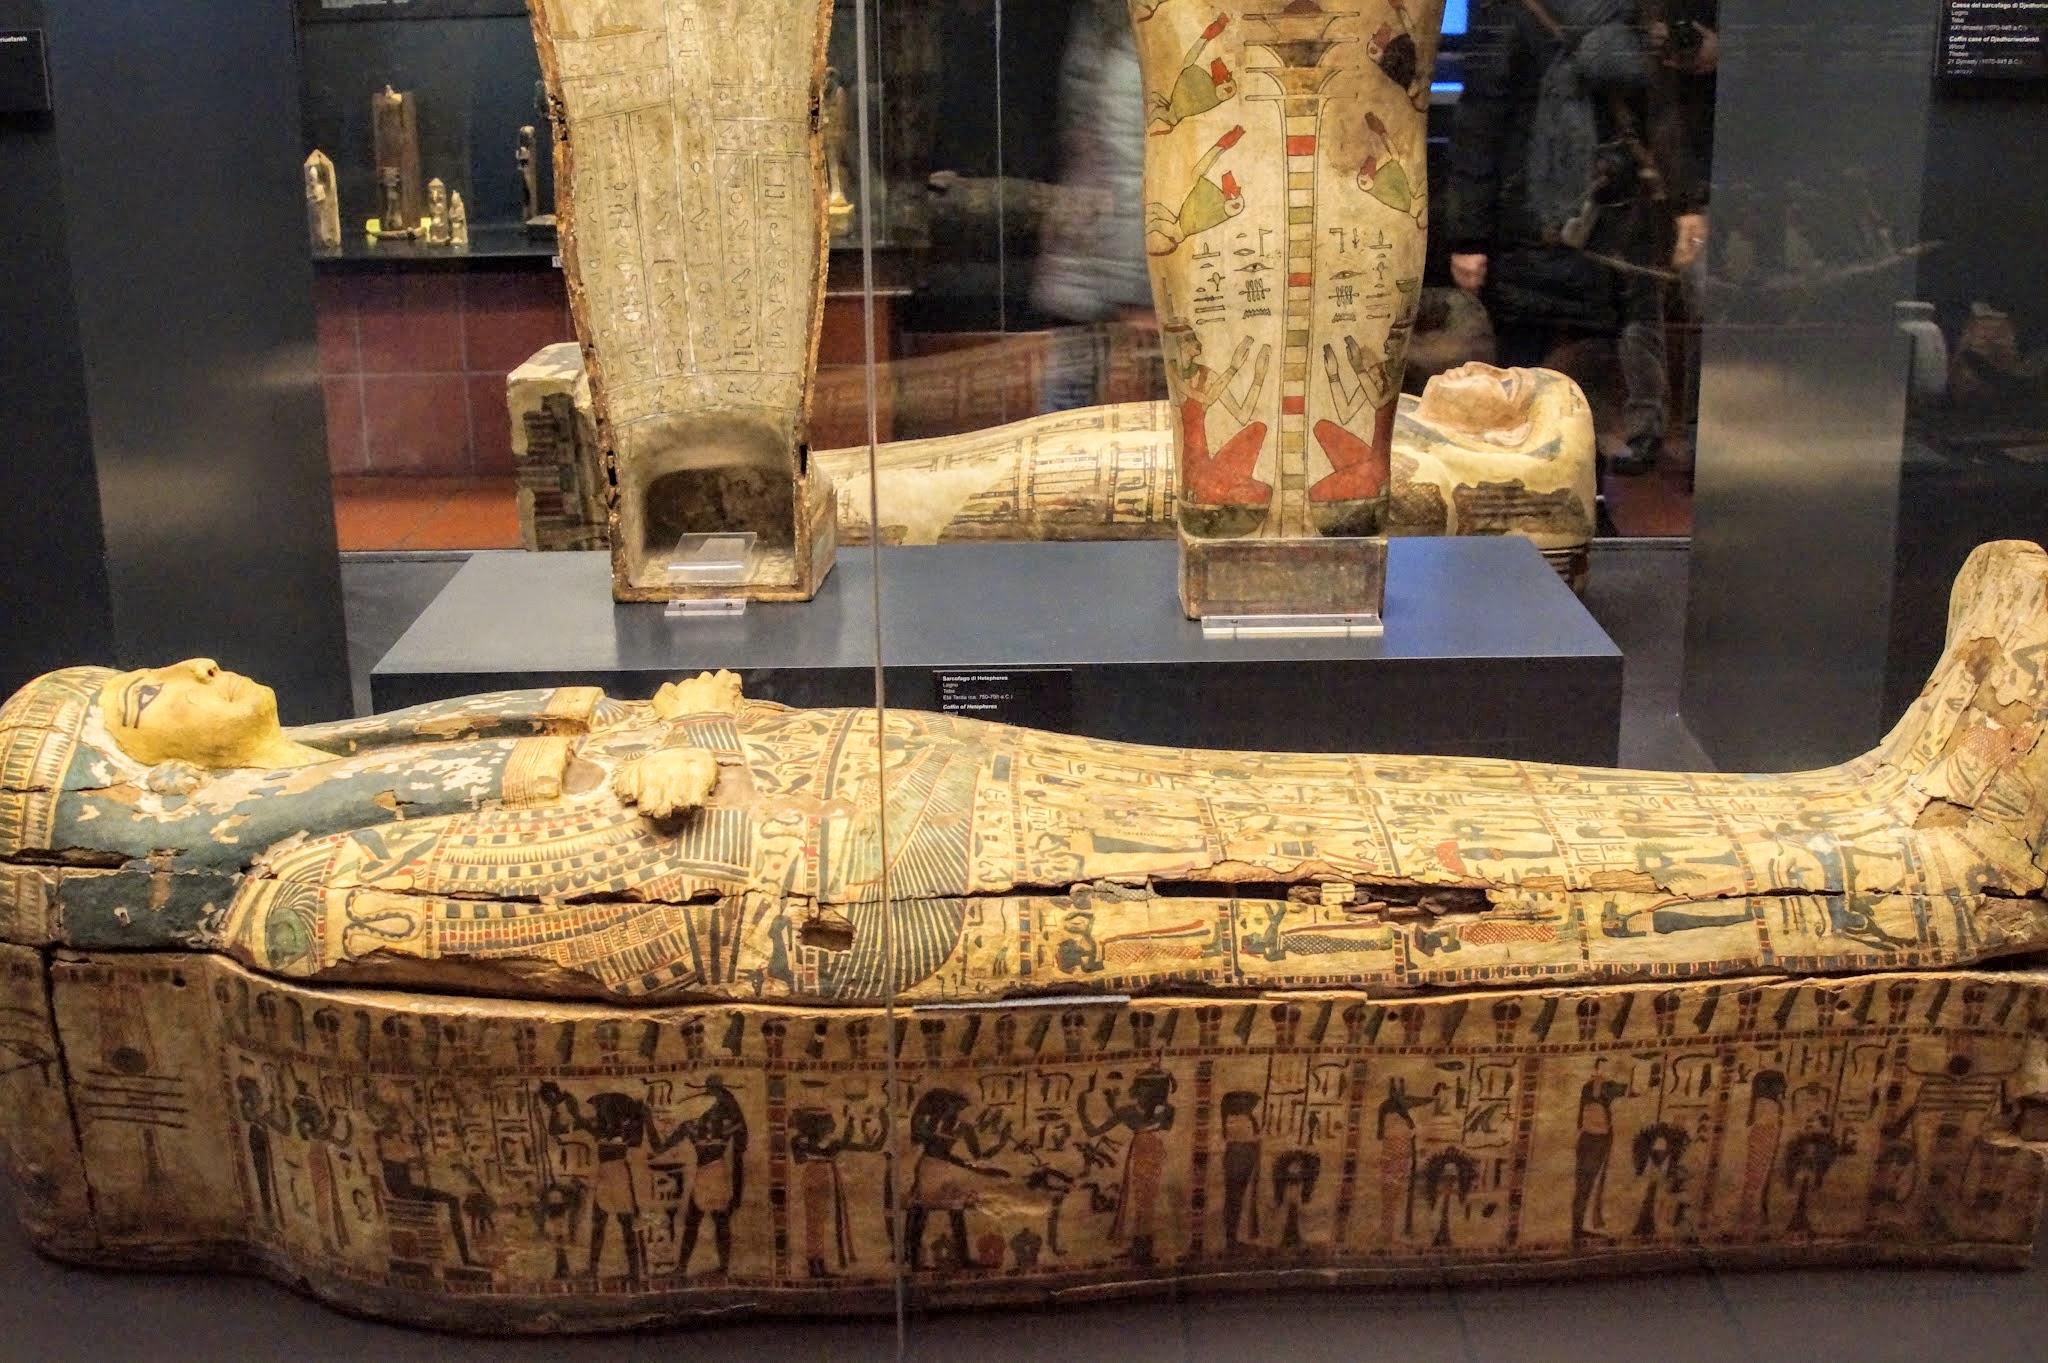 Αιγυπτιακές Σαρκοφάγοι στο Γρηγοριανό Αιγυπτιακό Μουσείο του Βατικανού (Φωτογραφία: Νίκος Πράσσος)